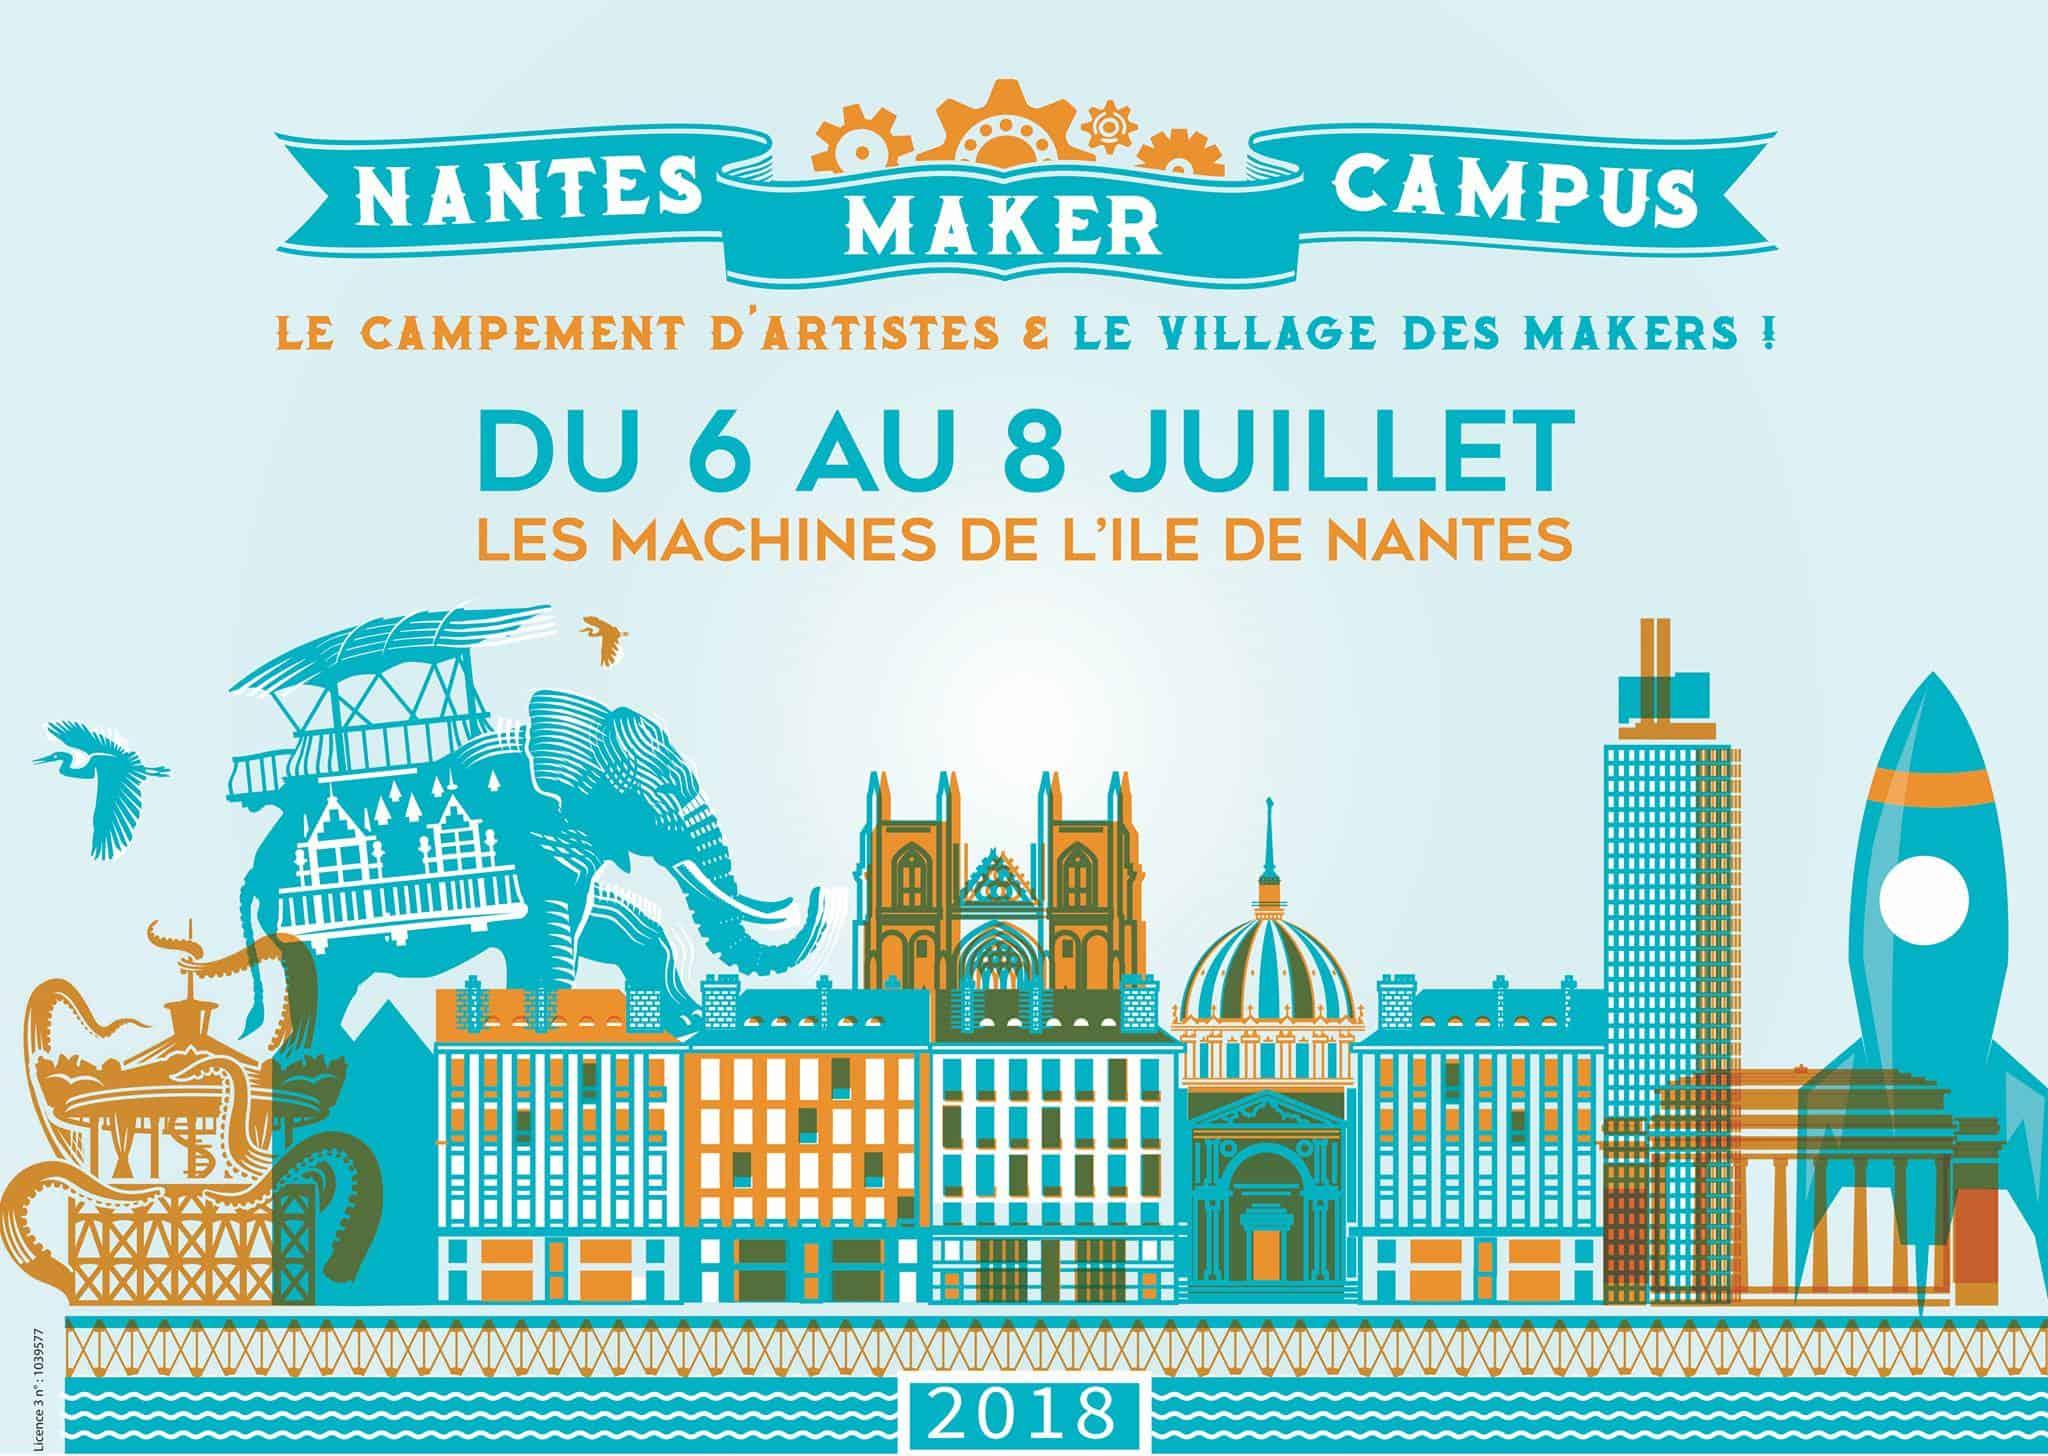 nantes maker campus